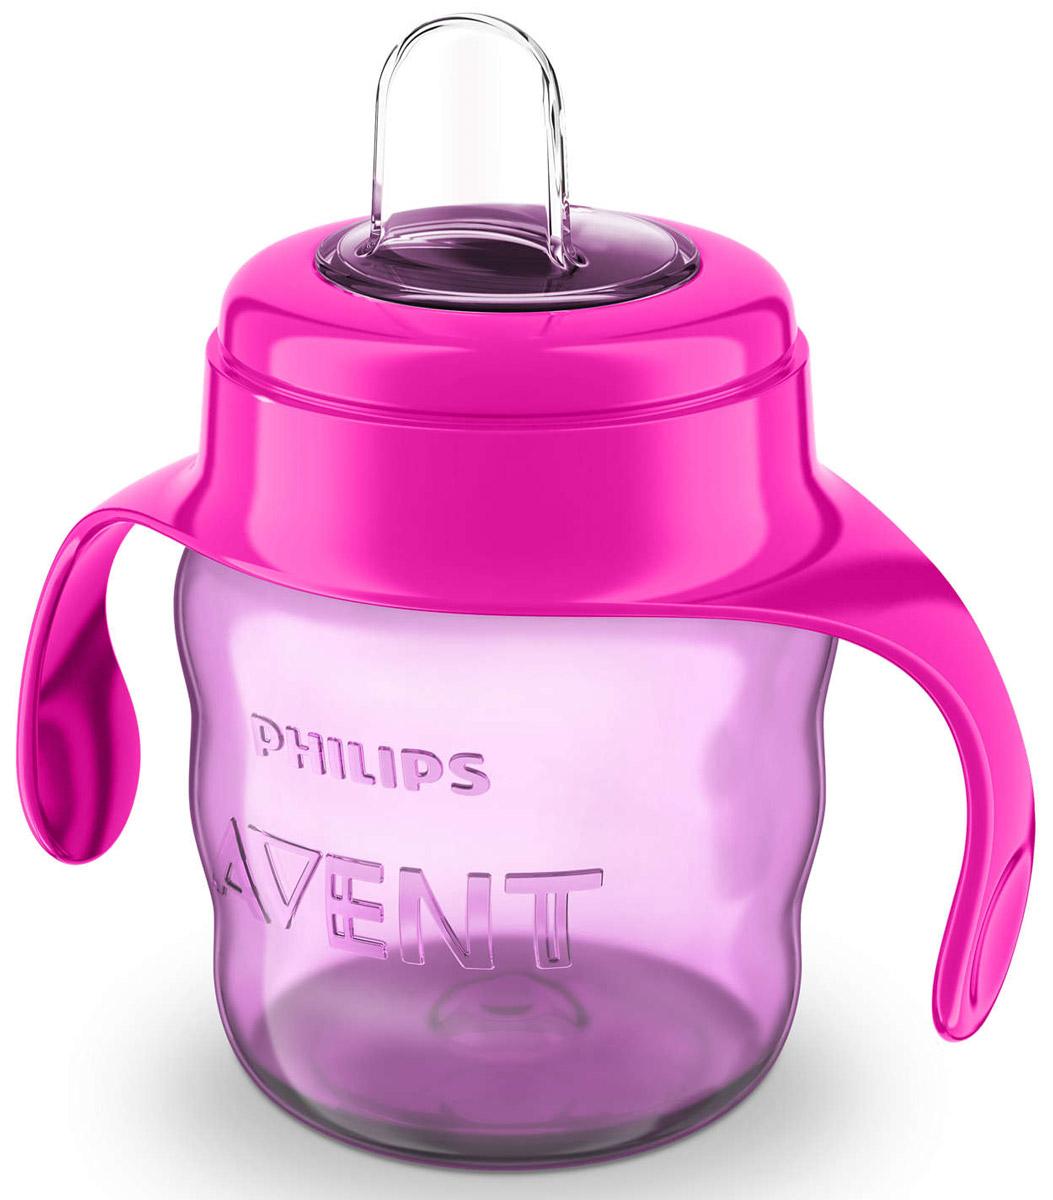 Philips Avent Чашка-поильник Comfort от 6 месяцев цвет фиолетовый фуксия 200 мл SCF551/00 -  Поильники